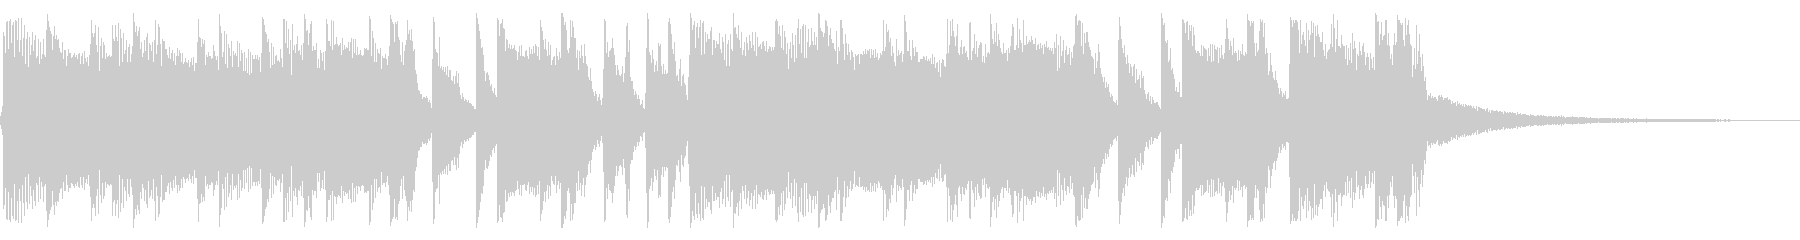 パンキッシュなロックジングル04の未再生の波形